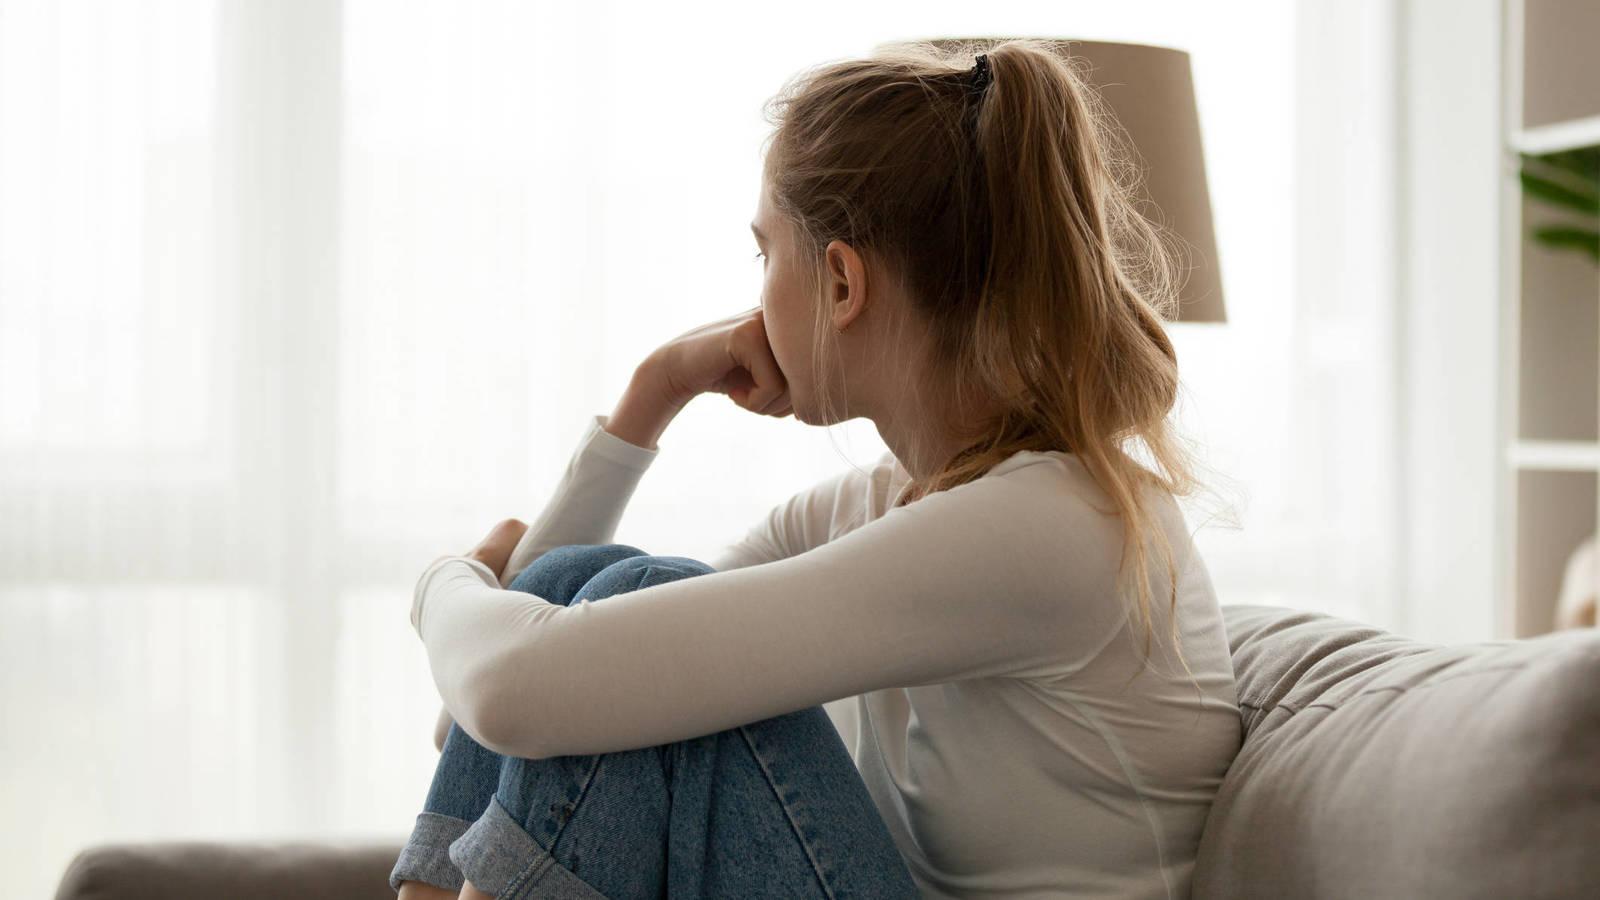 precarizacion laboral redes sociales y machismo la ansiedad juvenil